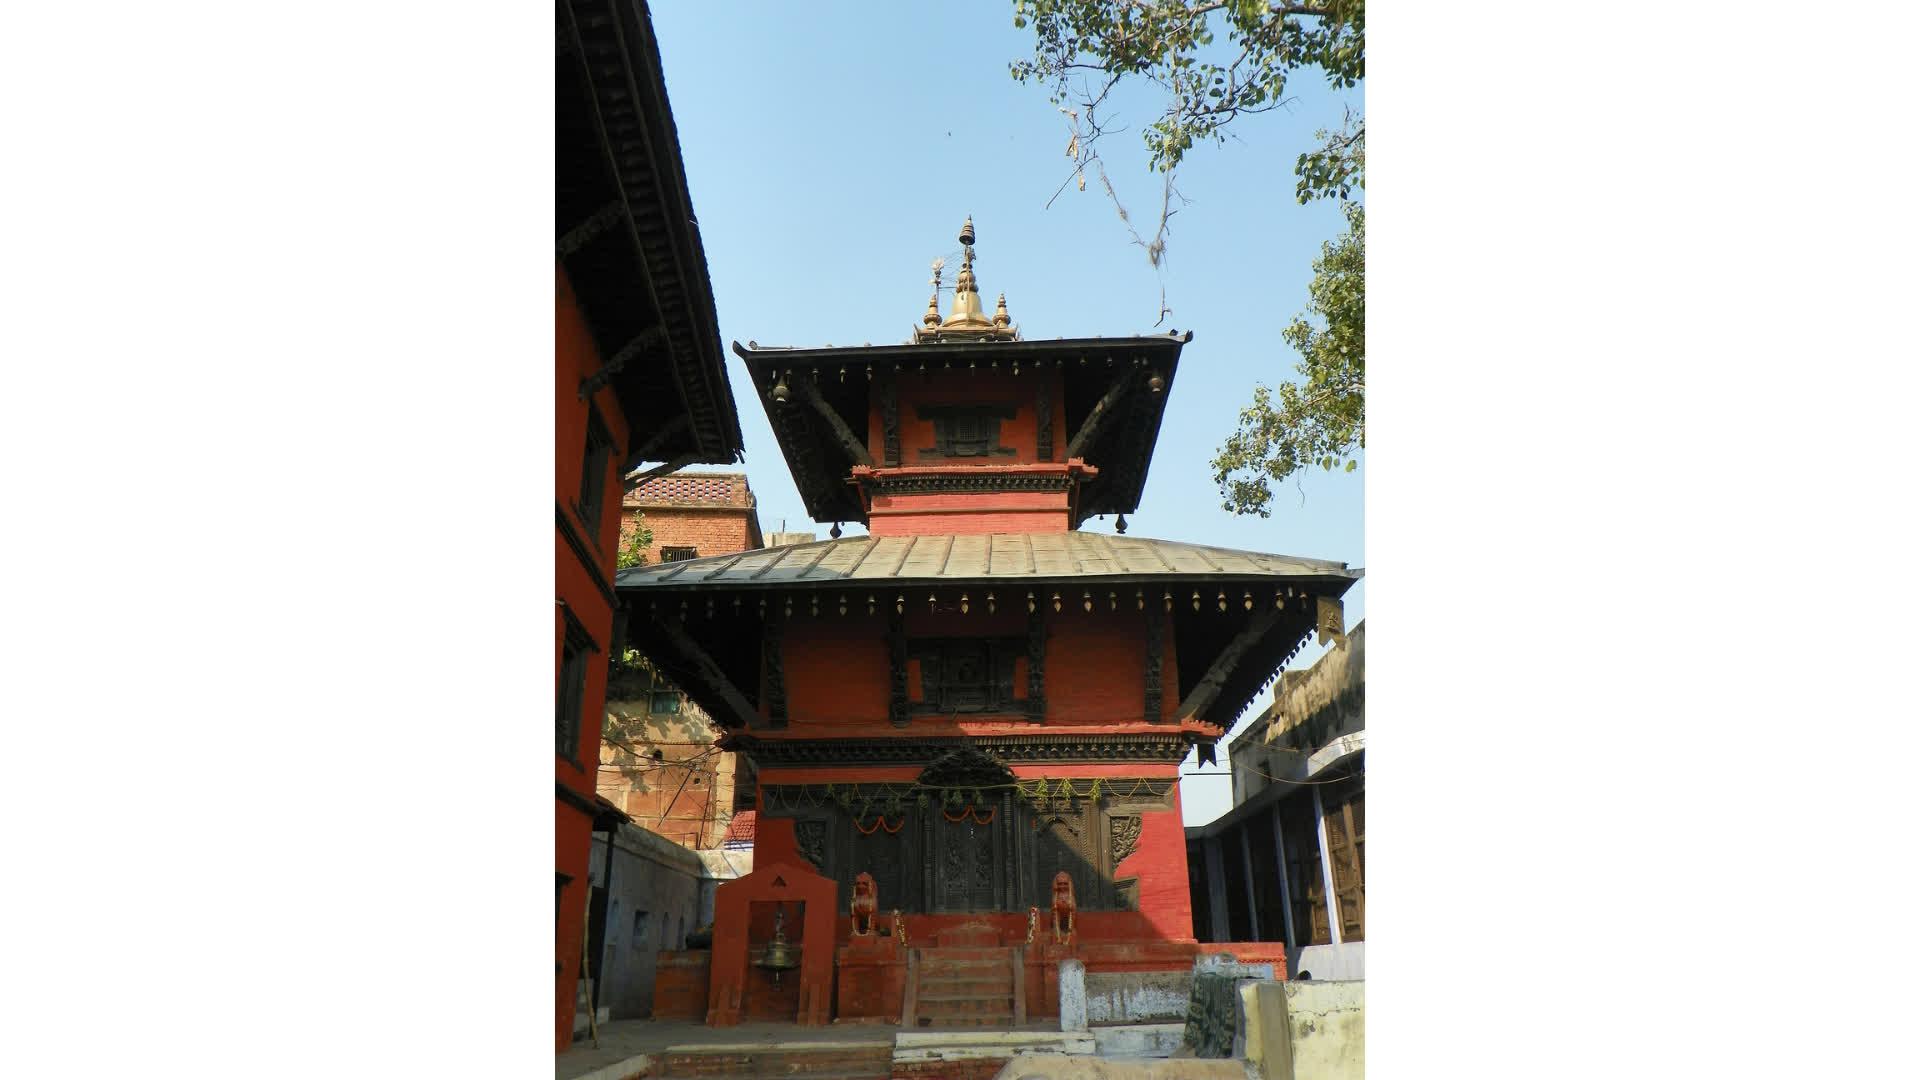 वाराणसी का नेपाली पशुपतिनाथ मंदिर